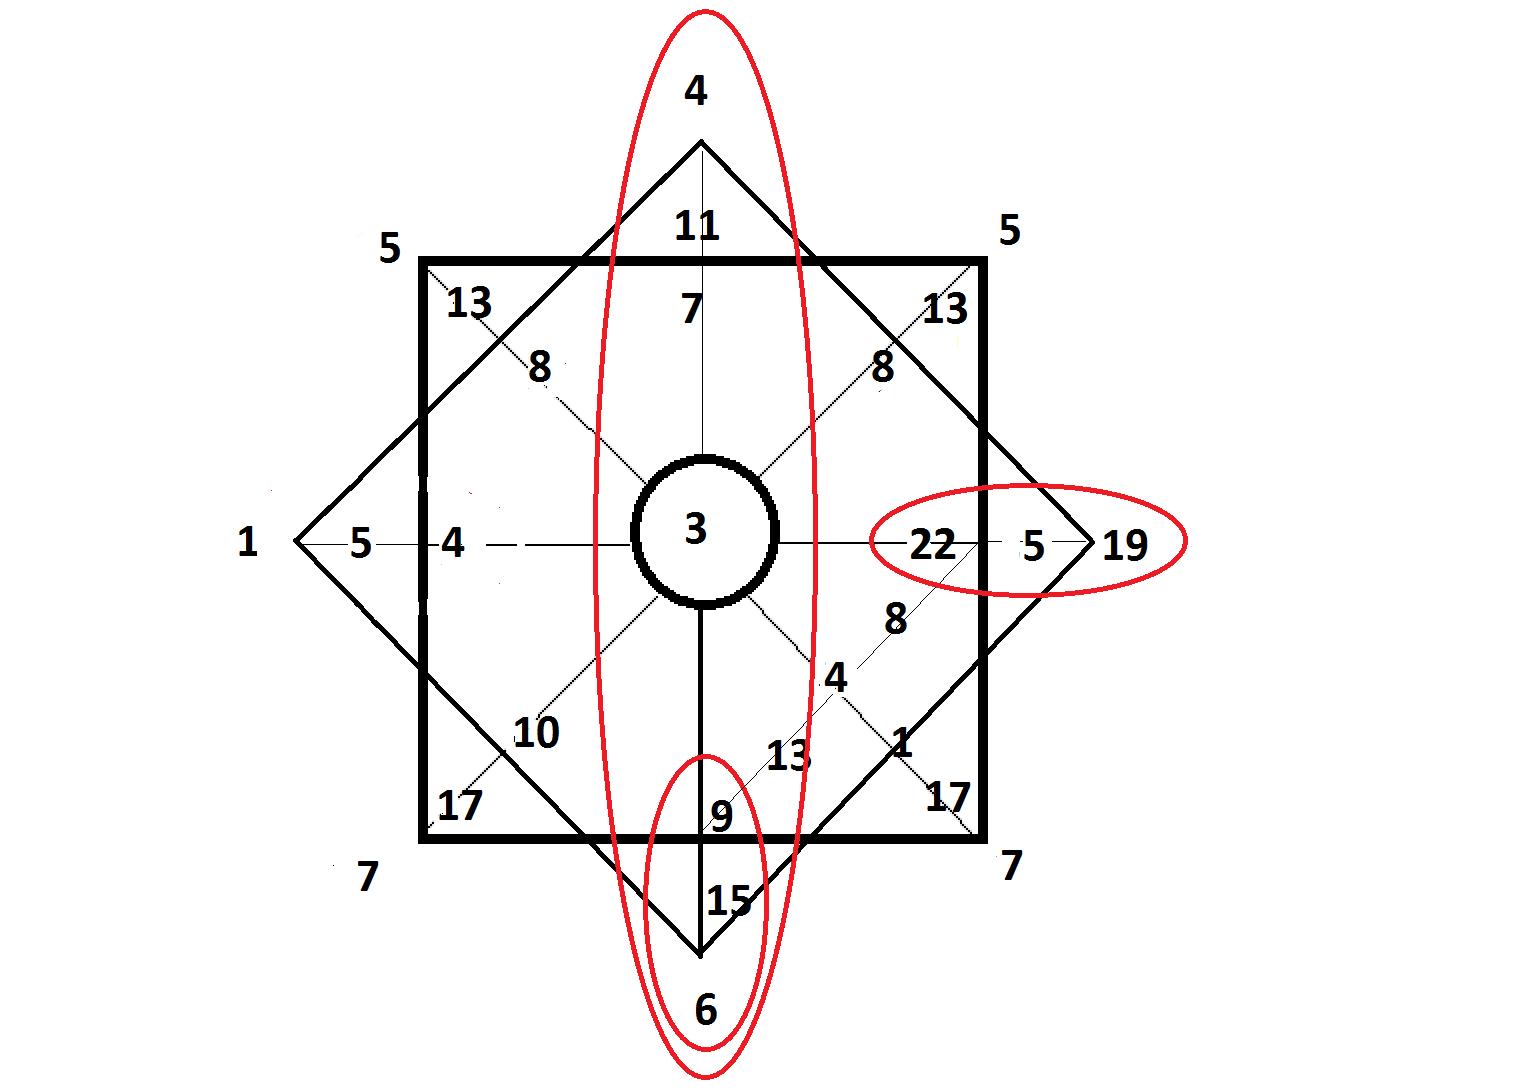 матрица ладини расшифровка